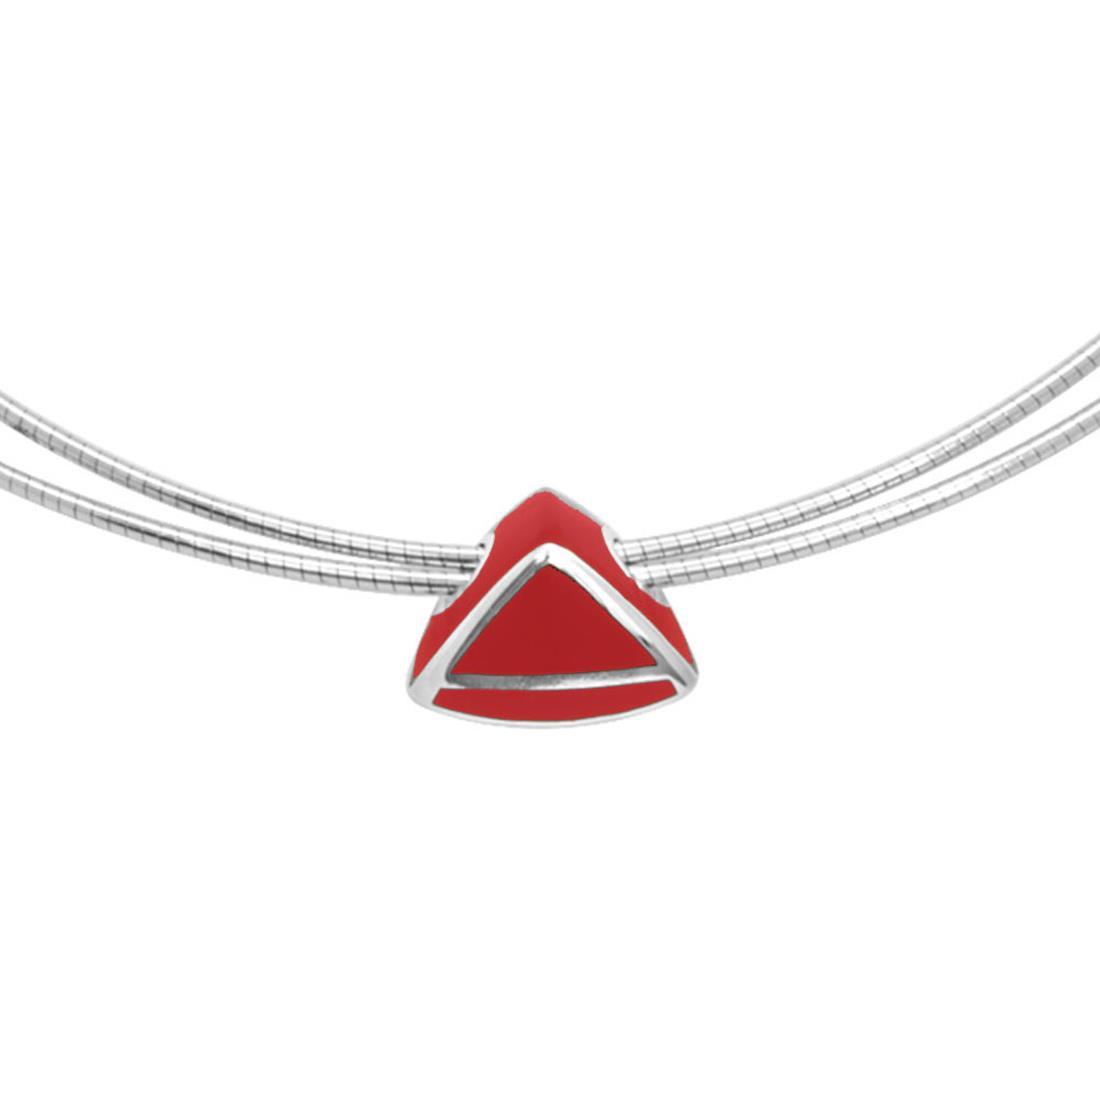 Collana in argento e smalto rosso - ALFIERI & ST. JOHN 925